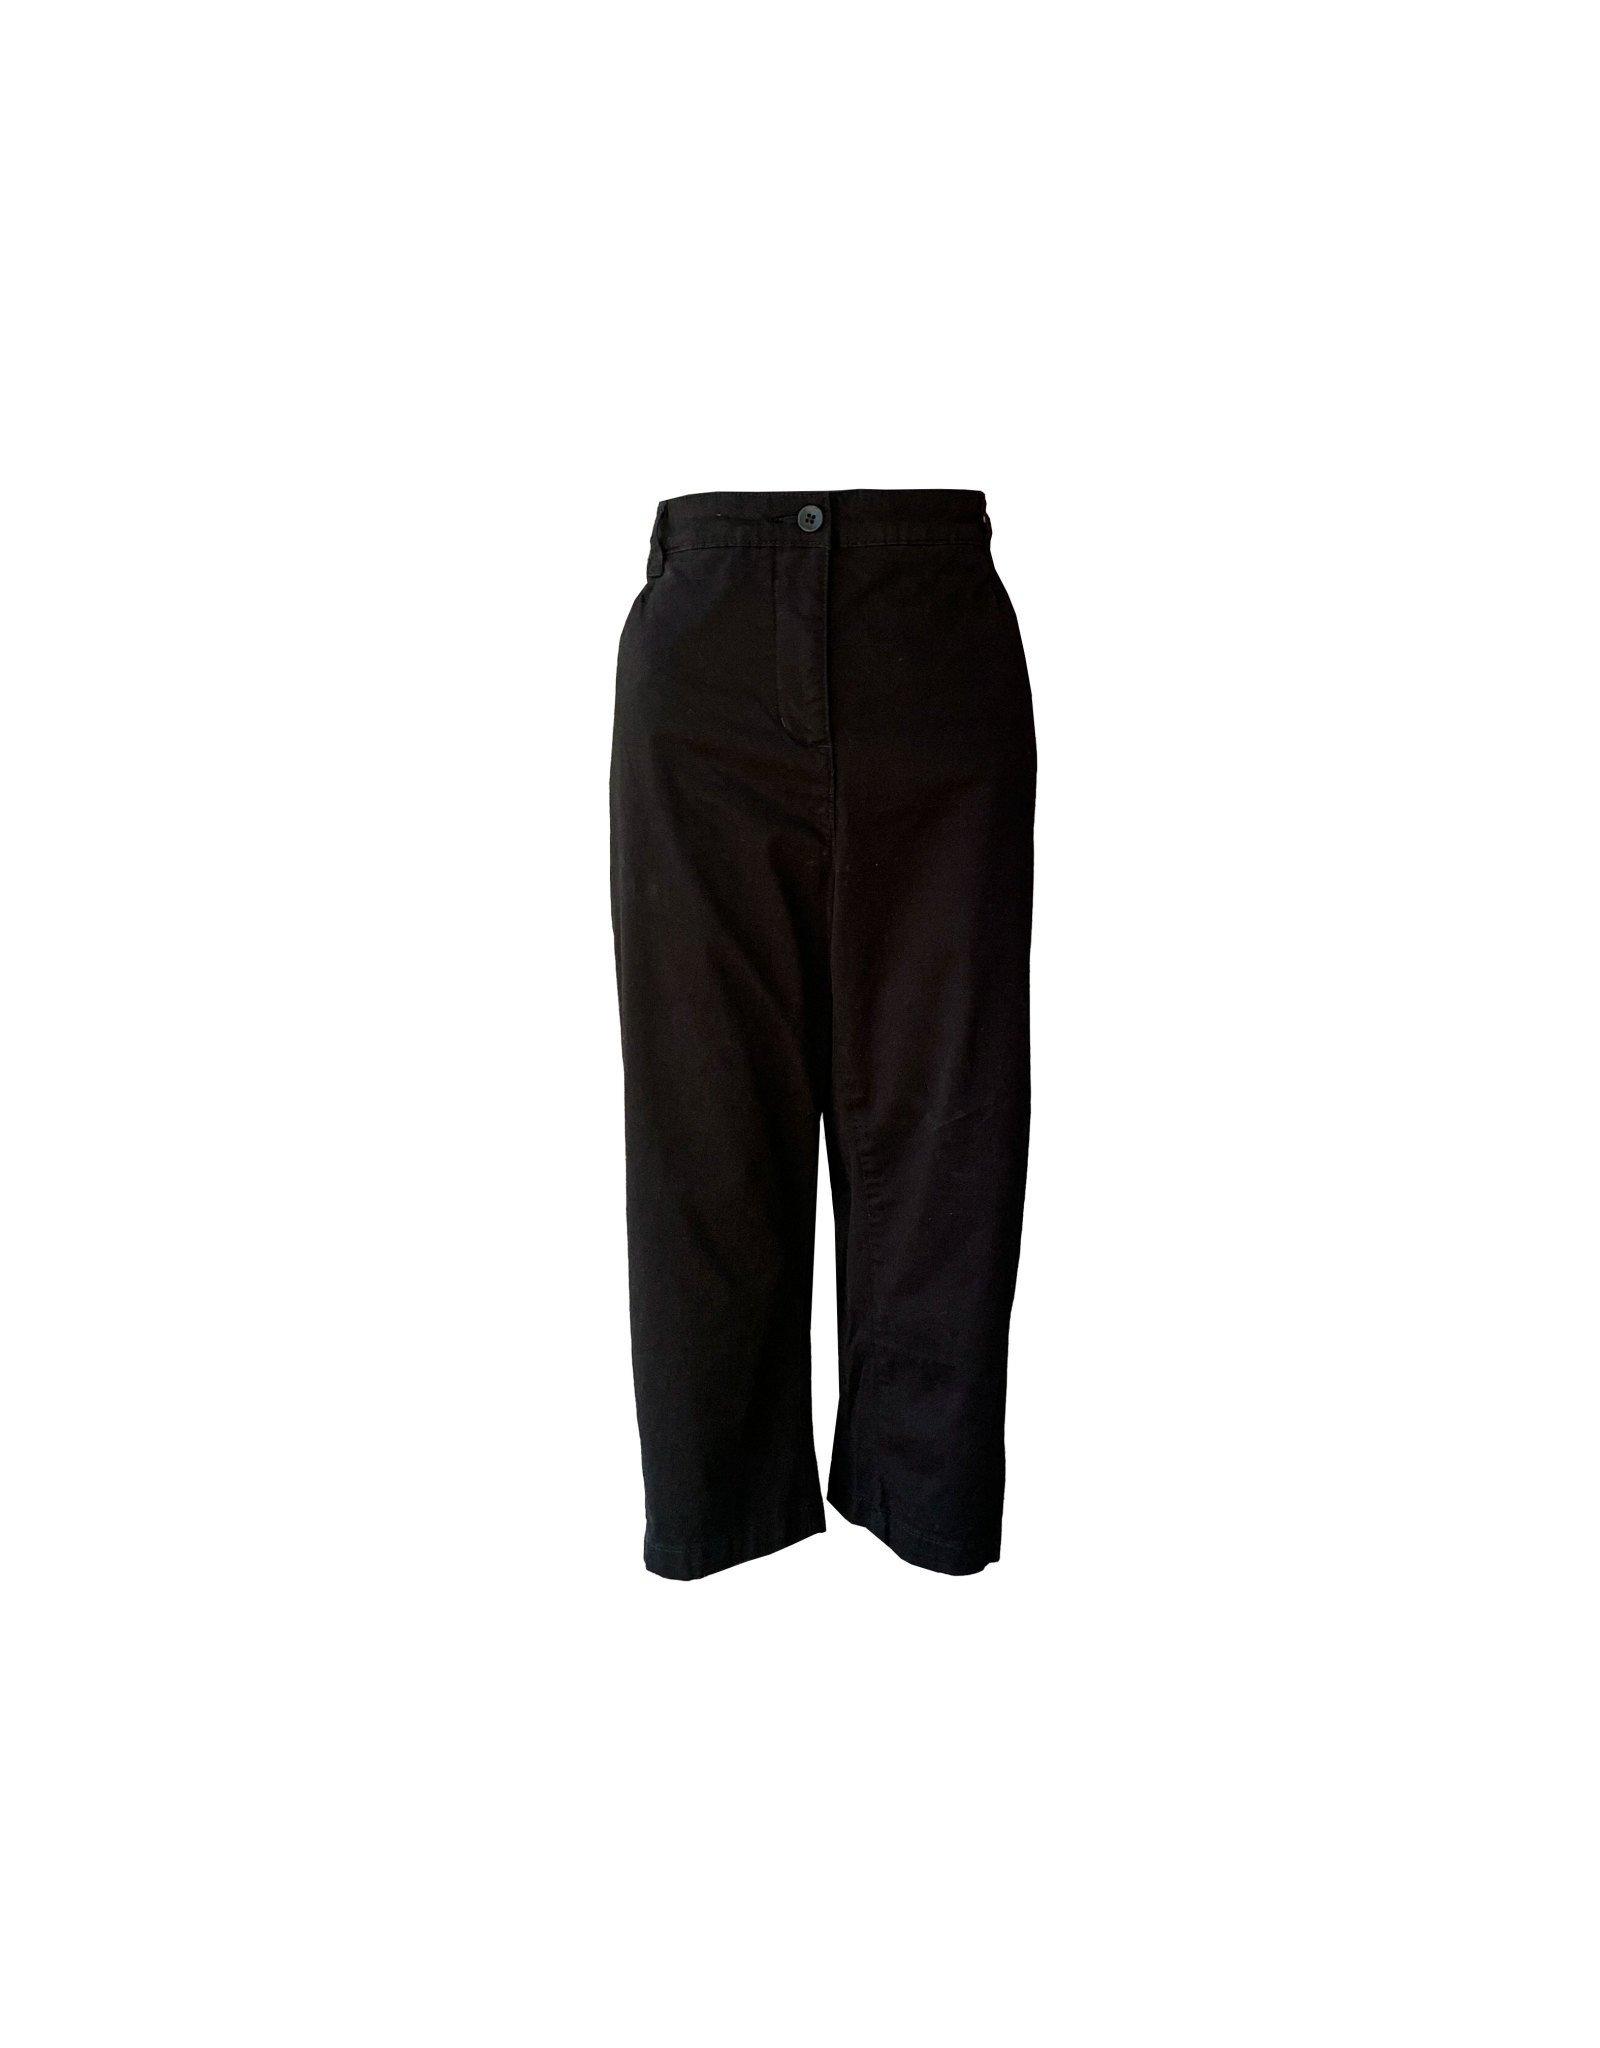 KAREN SCOTT  Capri  Pants Size 16W